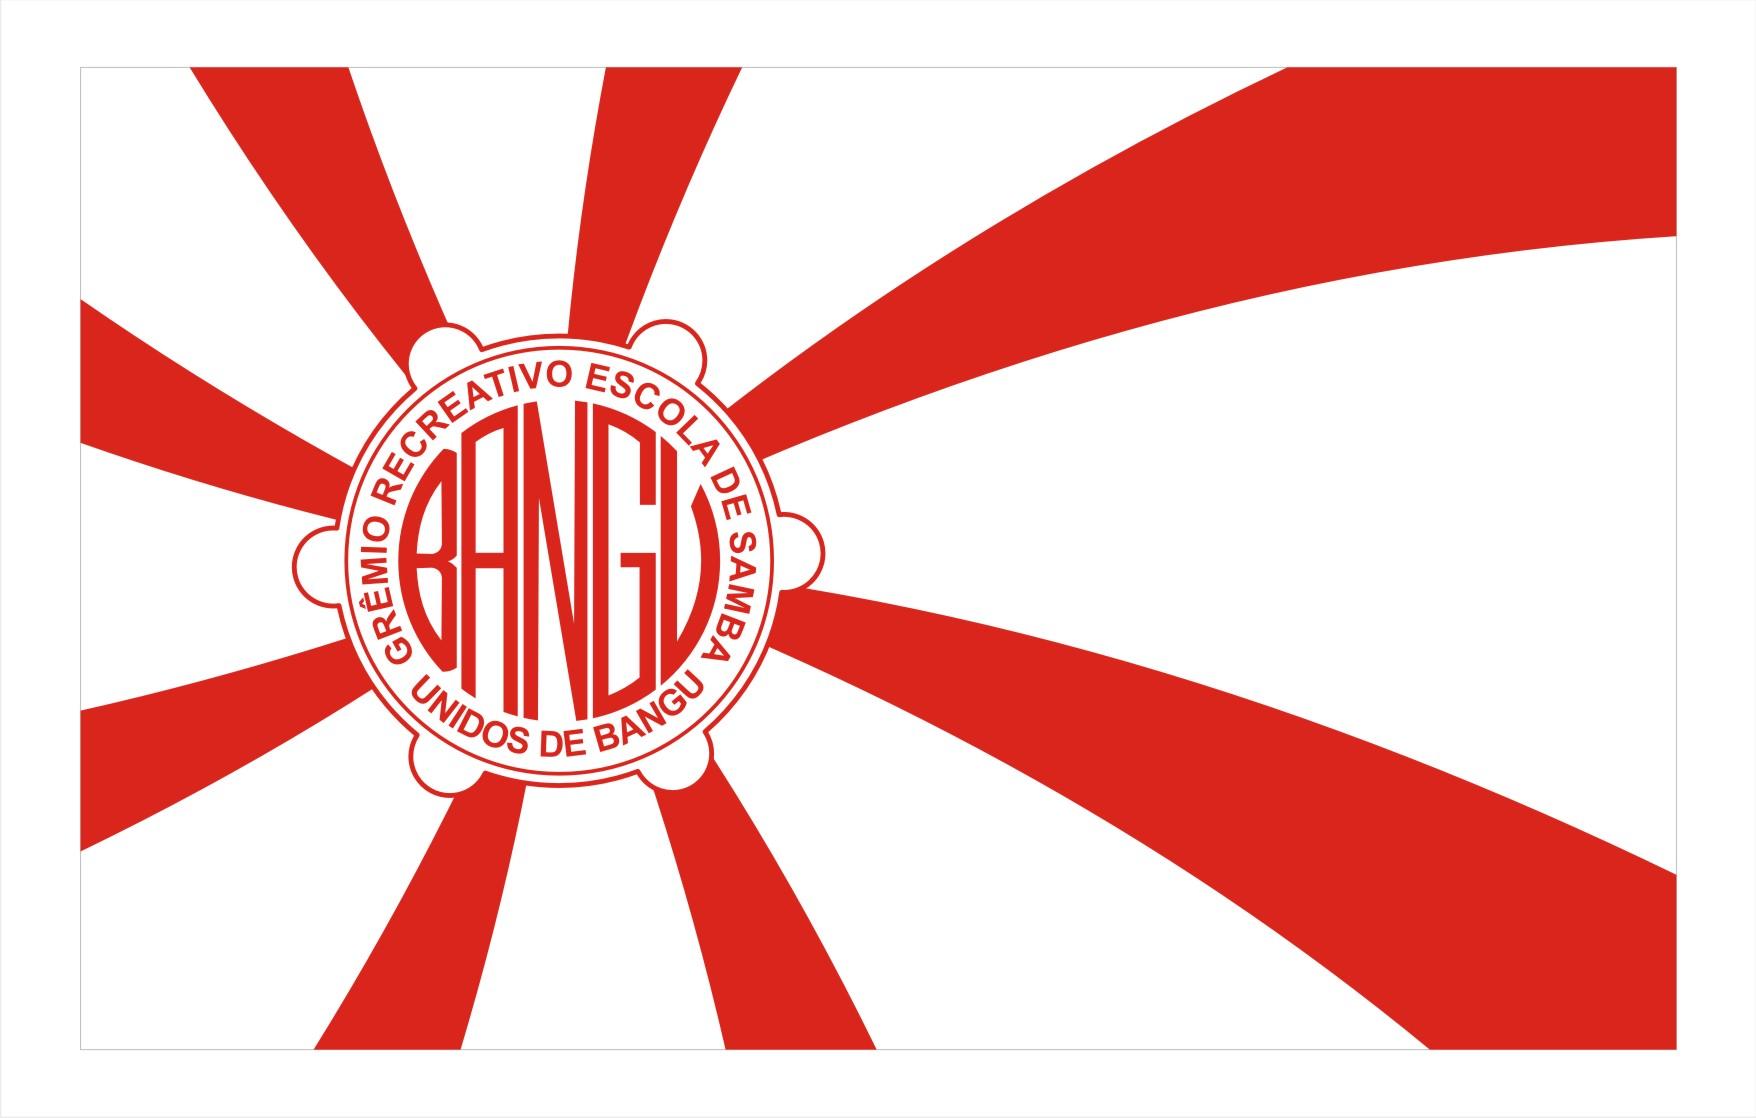 Unidos de Bangu recebe sambas na terça